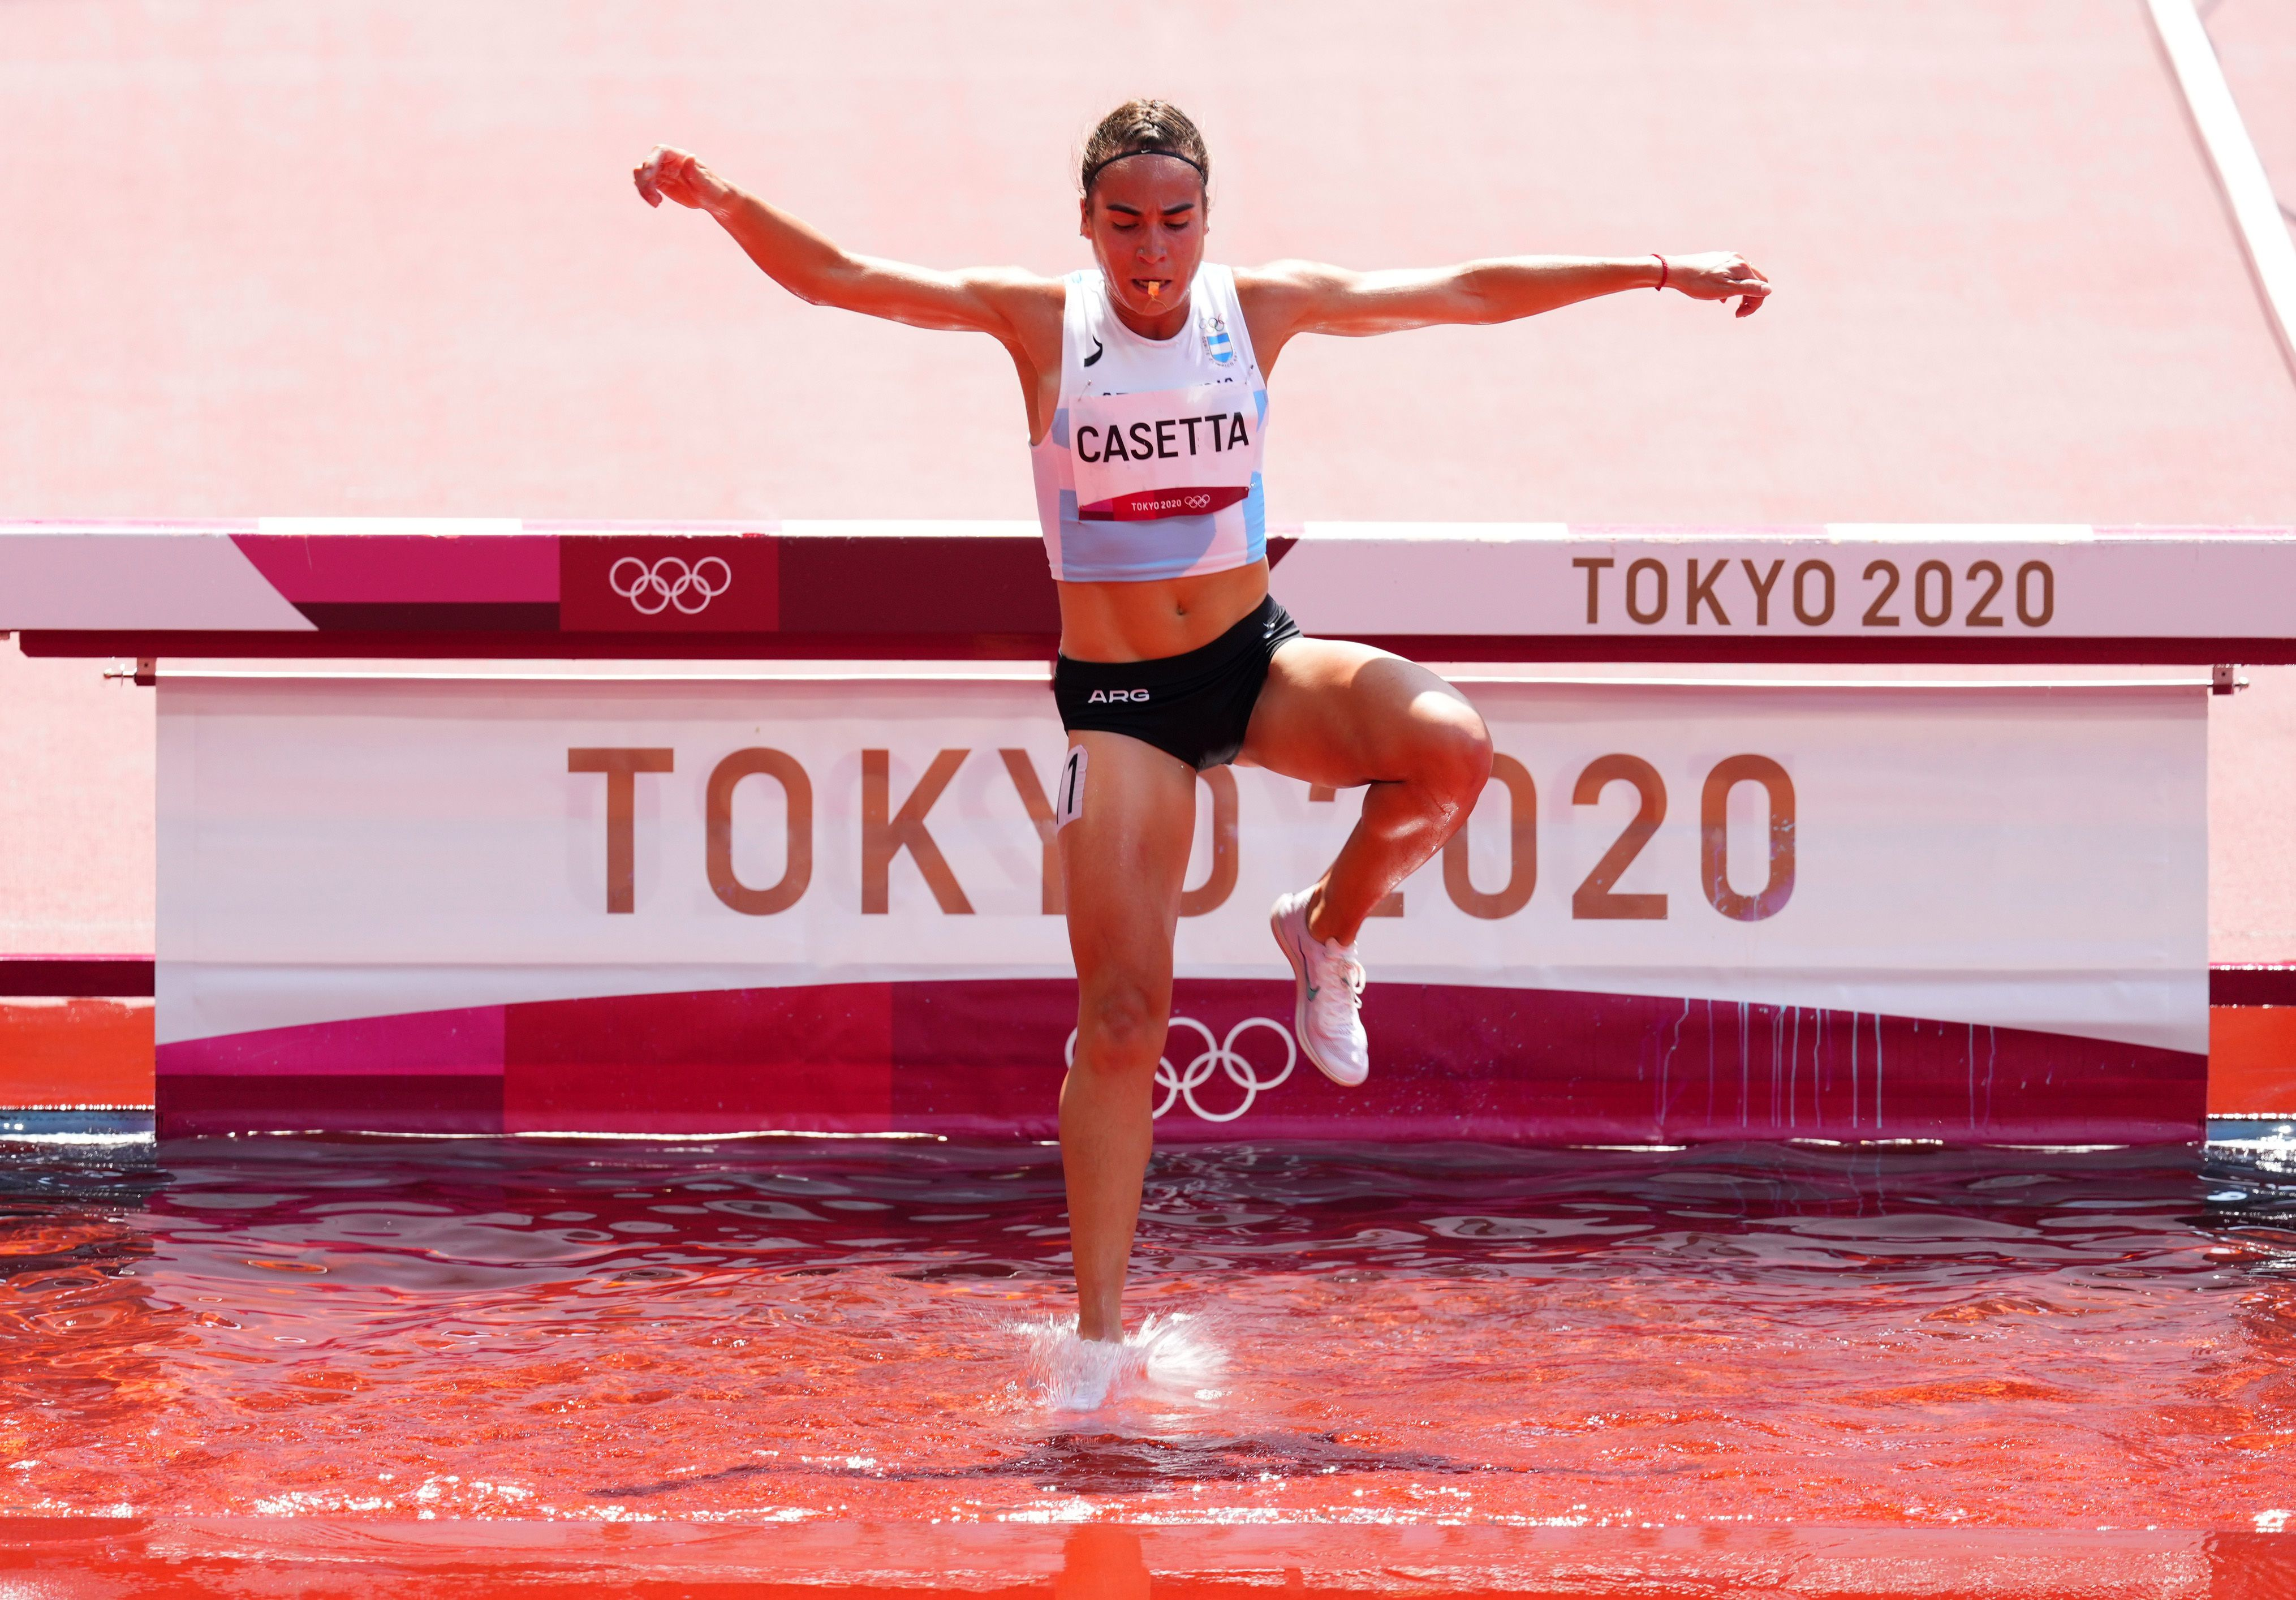 Belén Casetta participó en los 3.000 metros con obstáculos (REUTERS/Aleksandra Szmigiel)